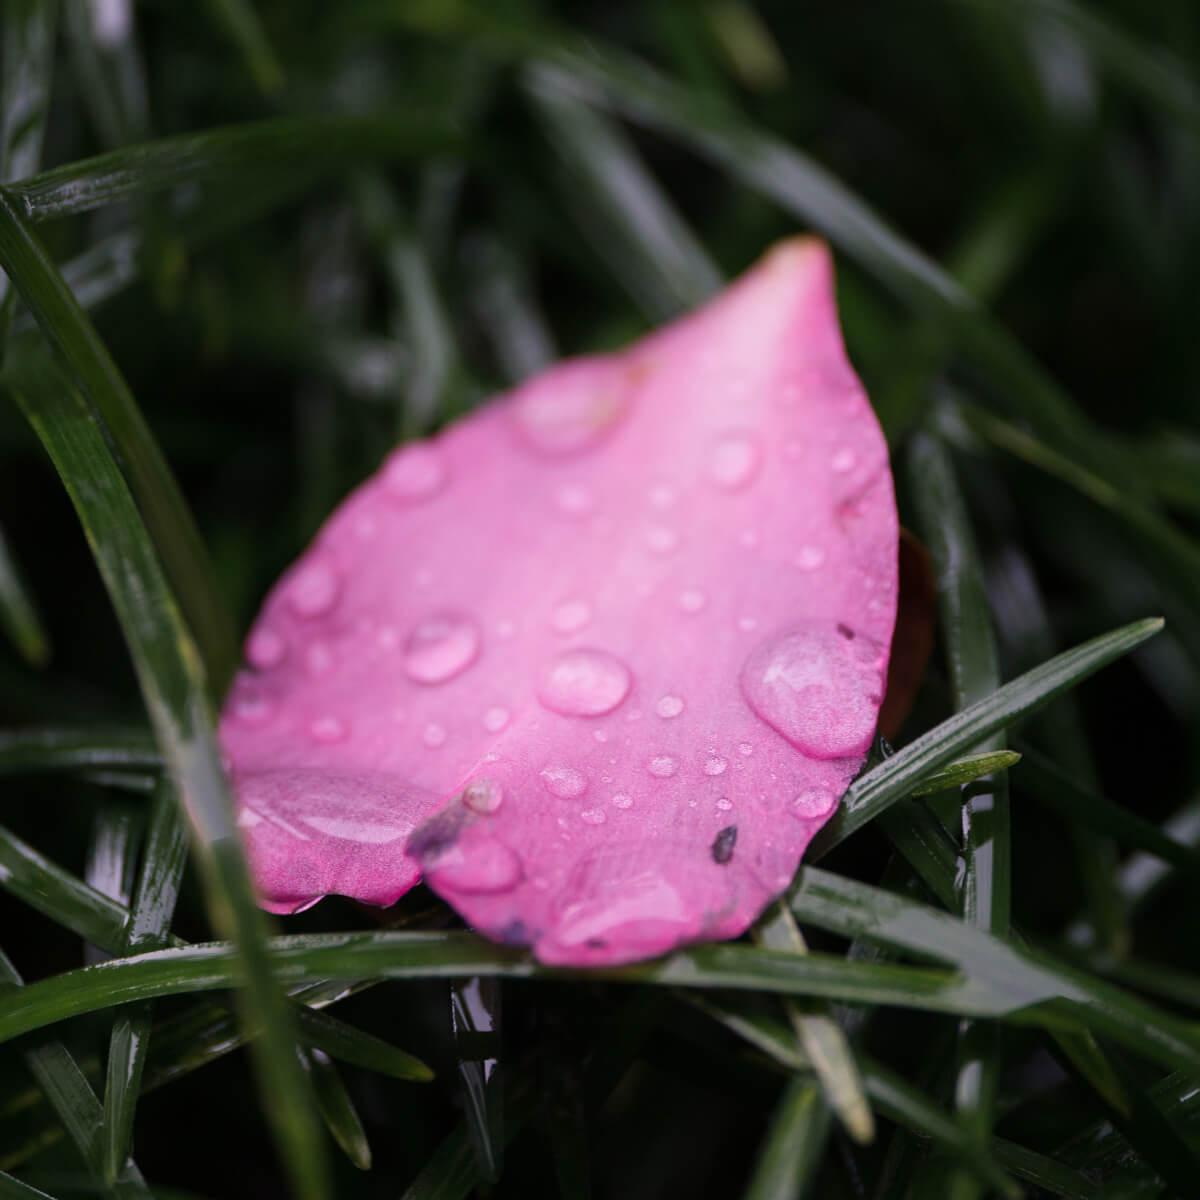 屋久島山茶花の花びら 雨のしずく 屋久島雨とジュエリー オーダーメイドジュエリーのインスピレーション